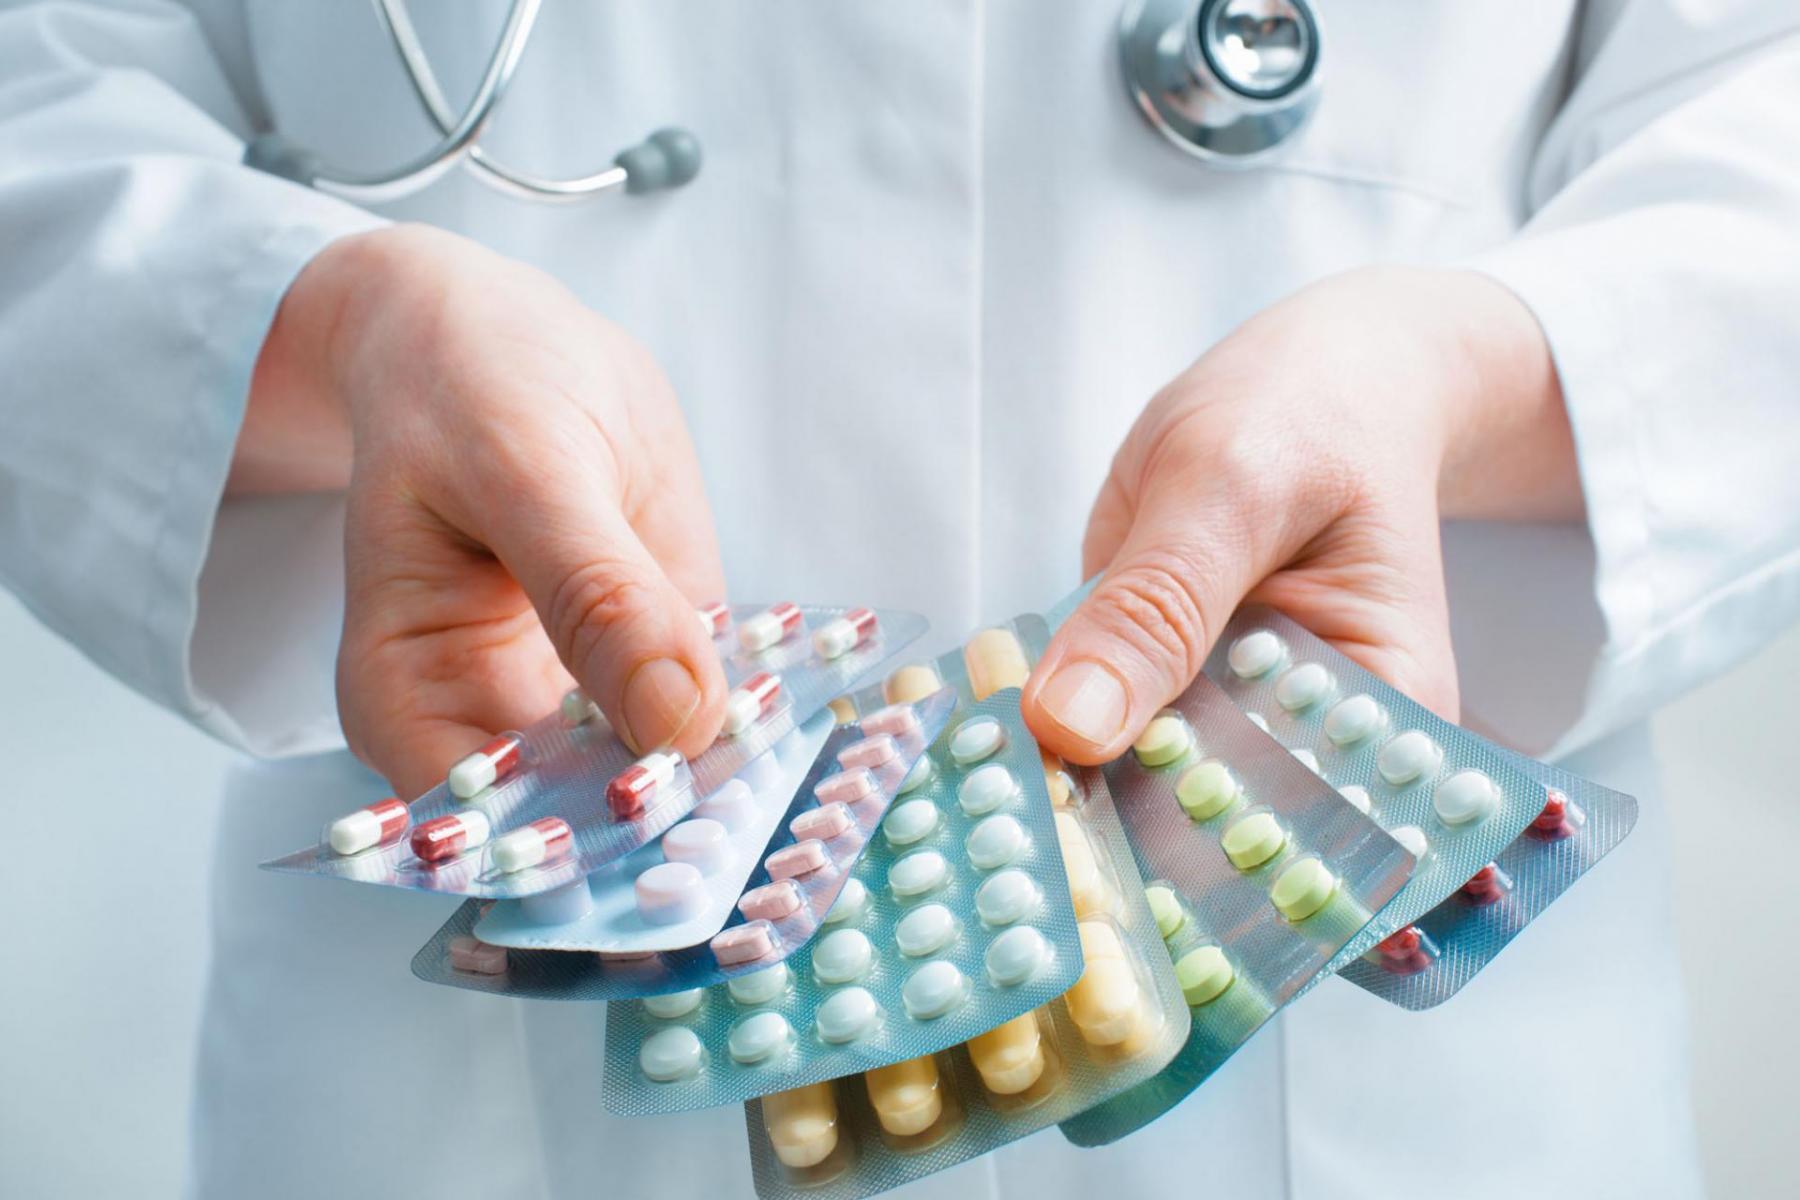 Запой лекарствами наркологическая клиника марата